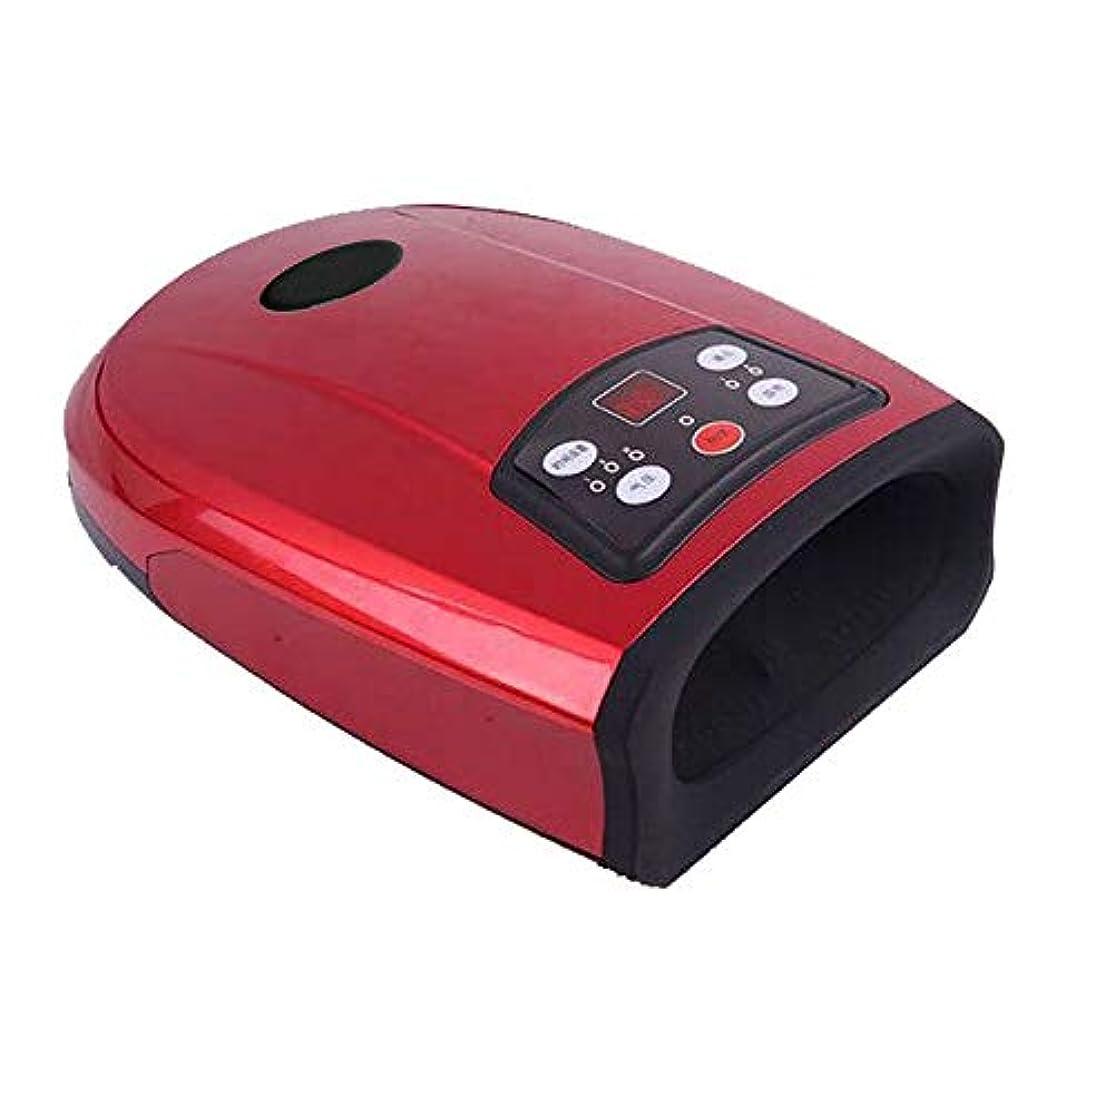 温室可塑性中断指のための空気圧熱圧縮装置が付いている指圧のやし手のマッサージ緊張のしびれの救助および血の循環の加速,Red